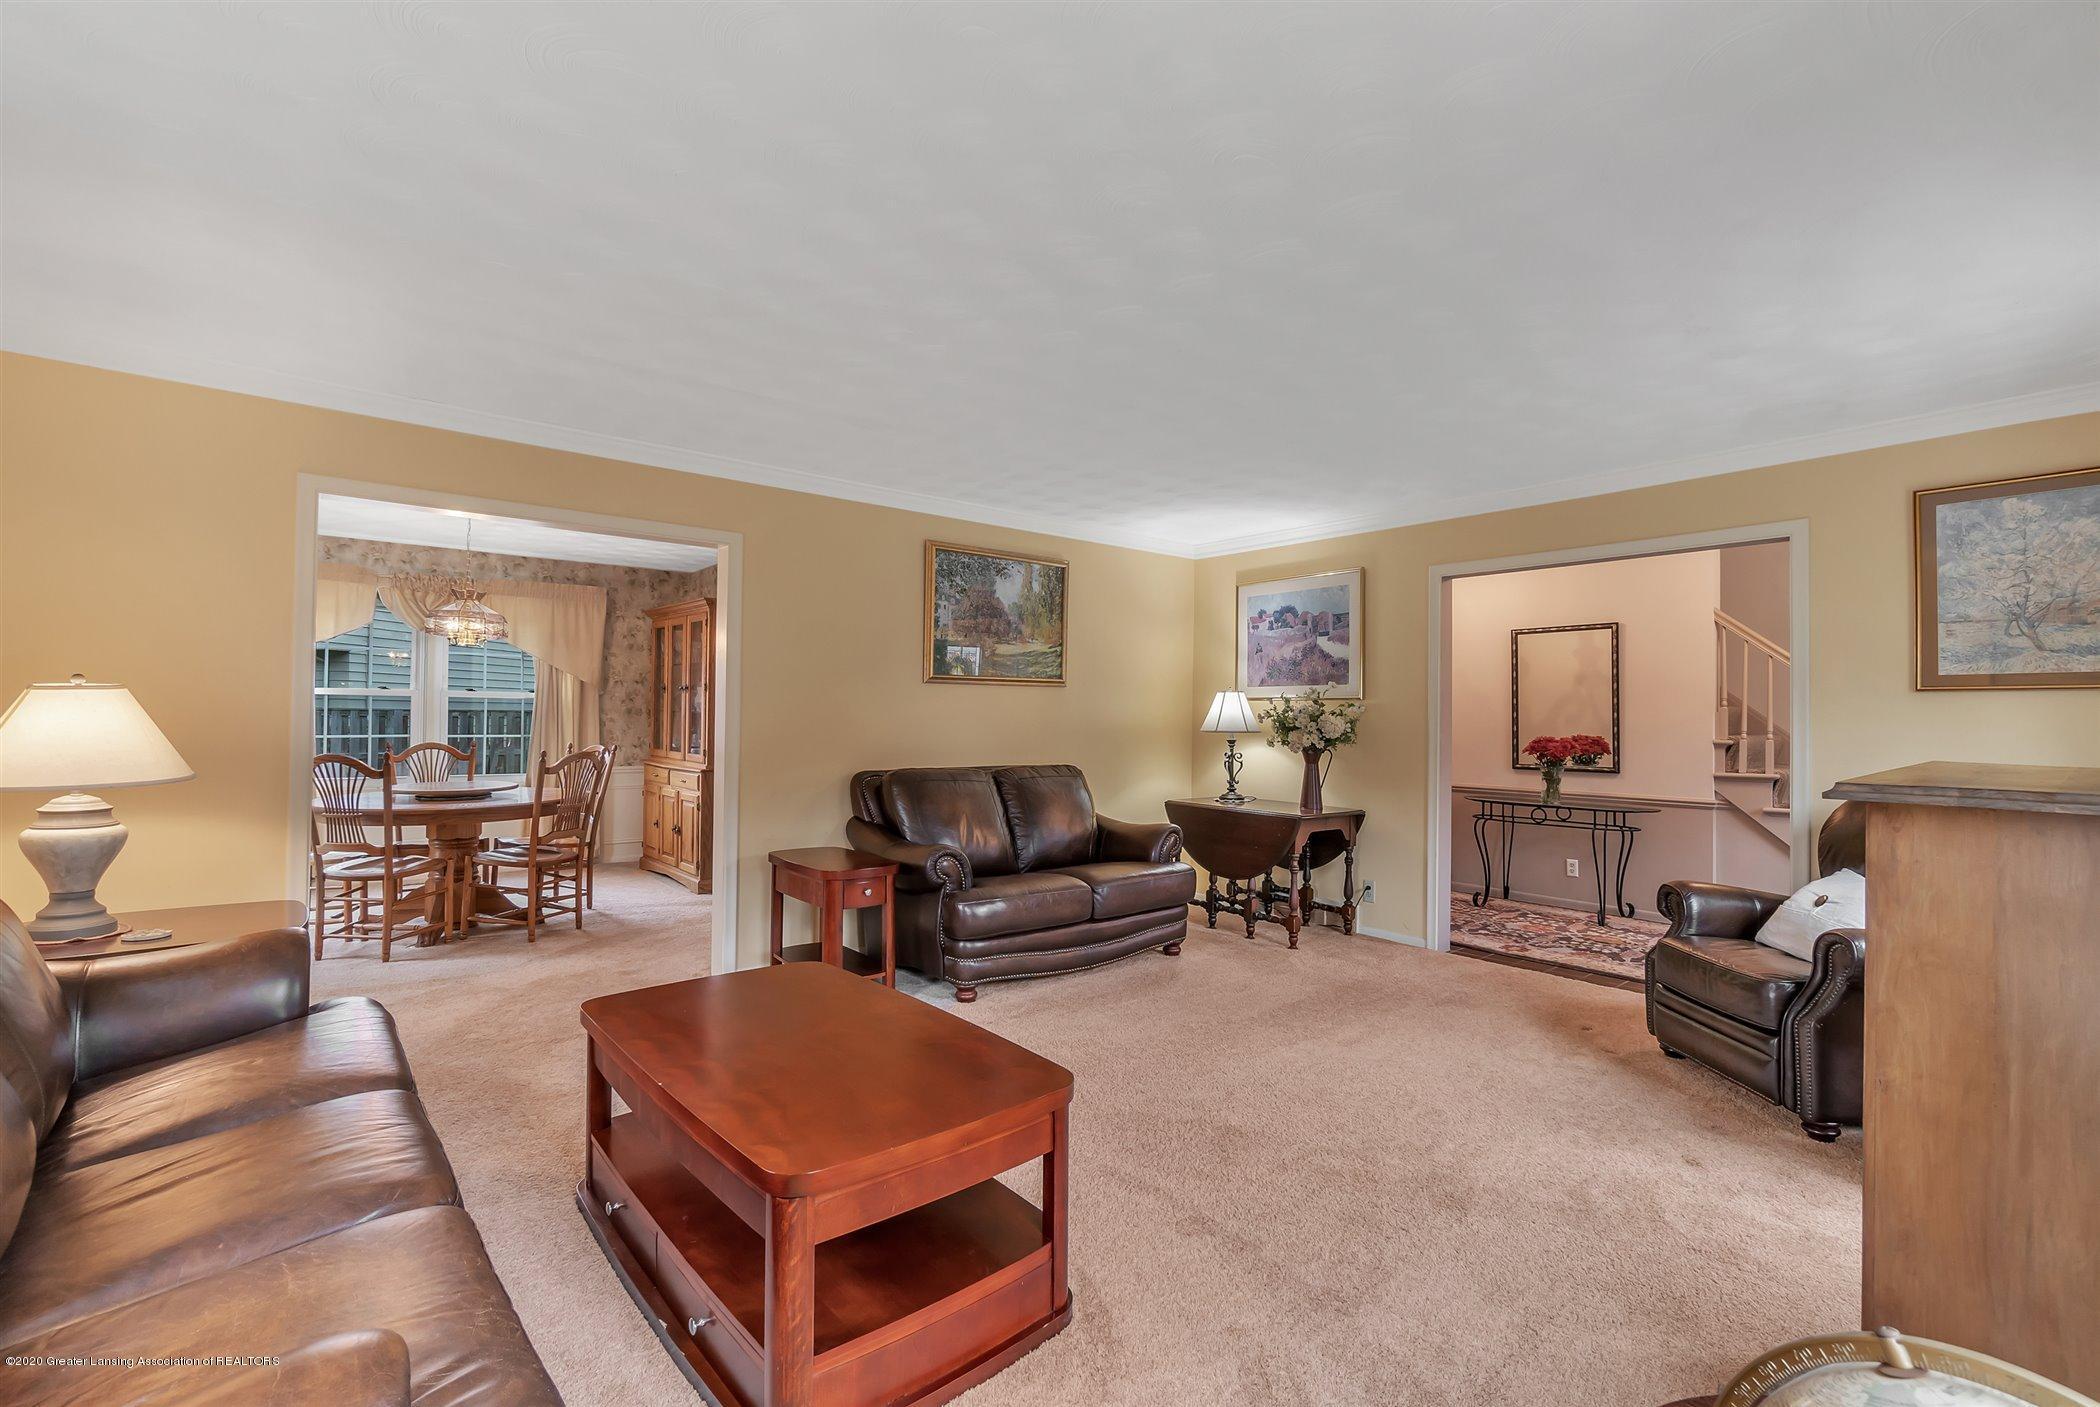 2098 Butternut Dr - Living Room - 8